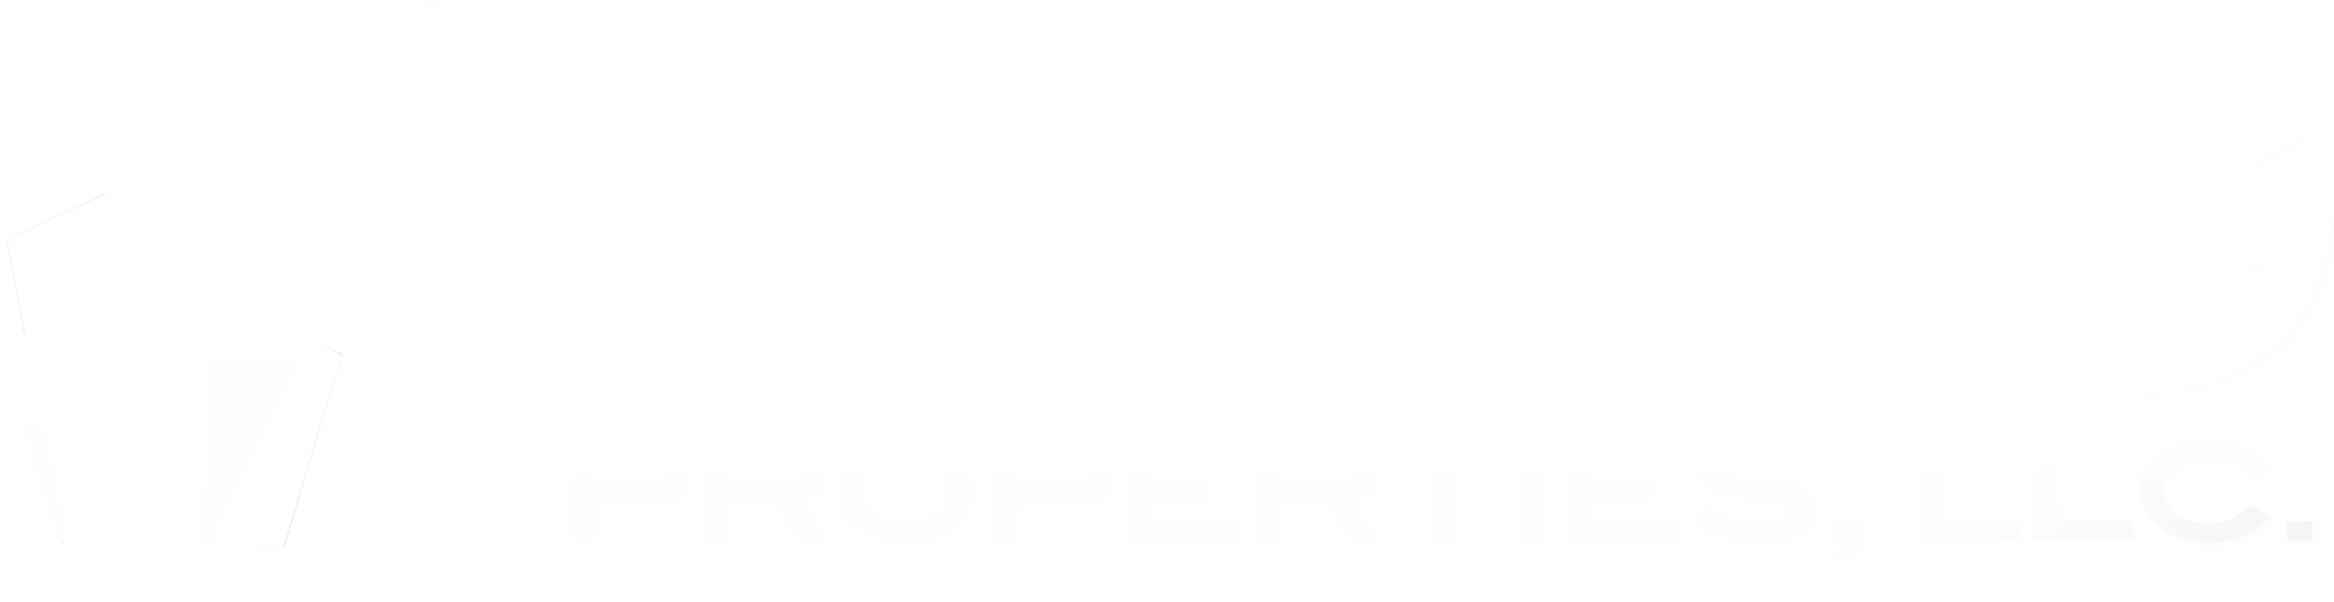 Craig-Properties-Logo-white.png